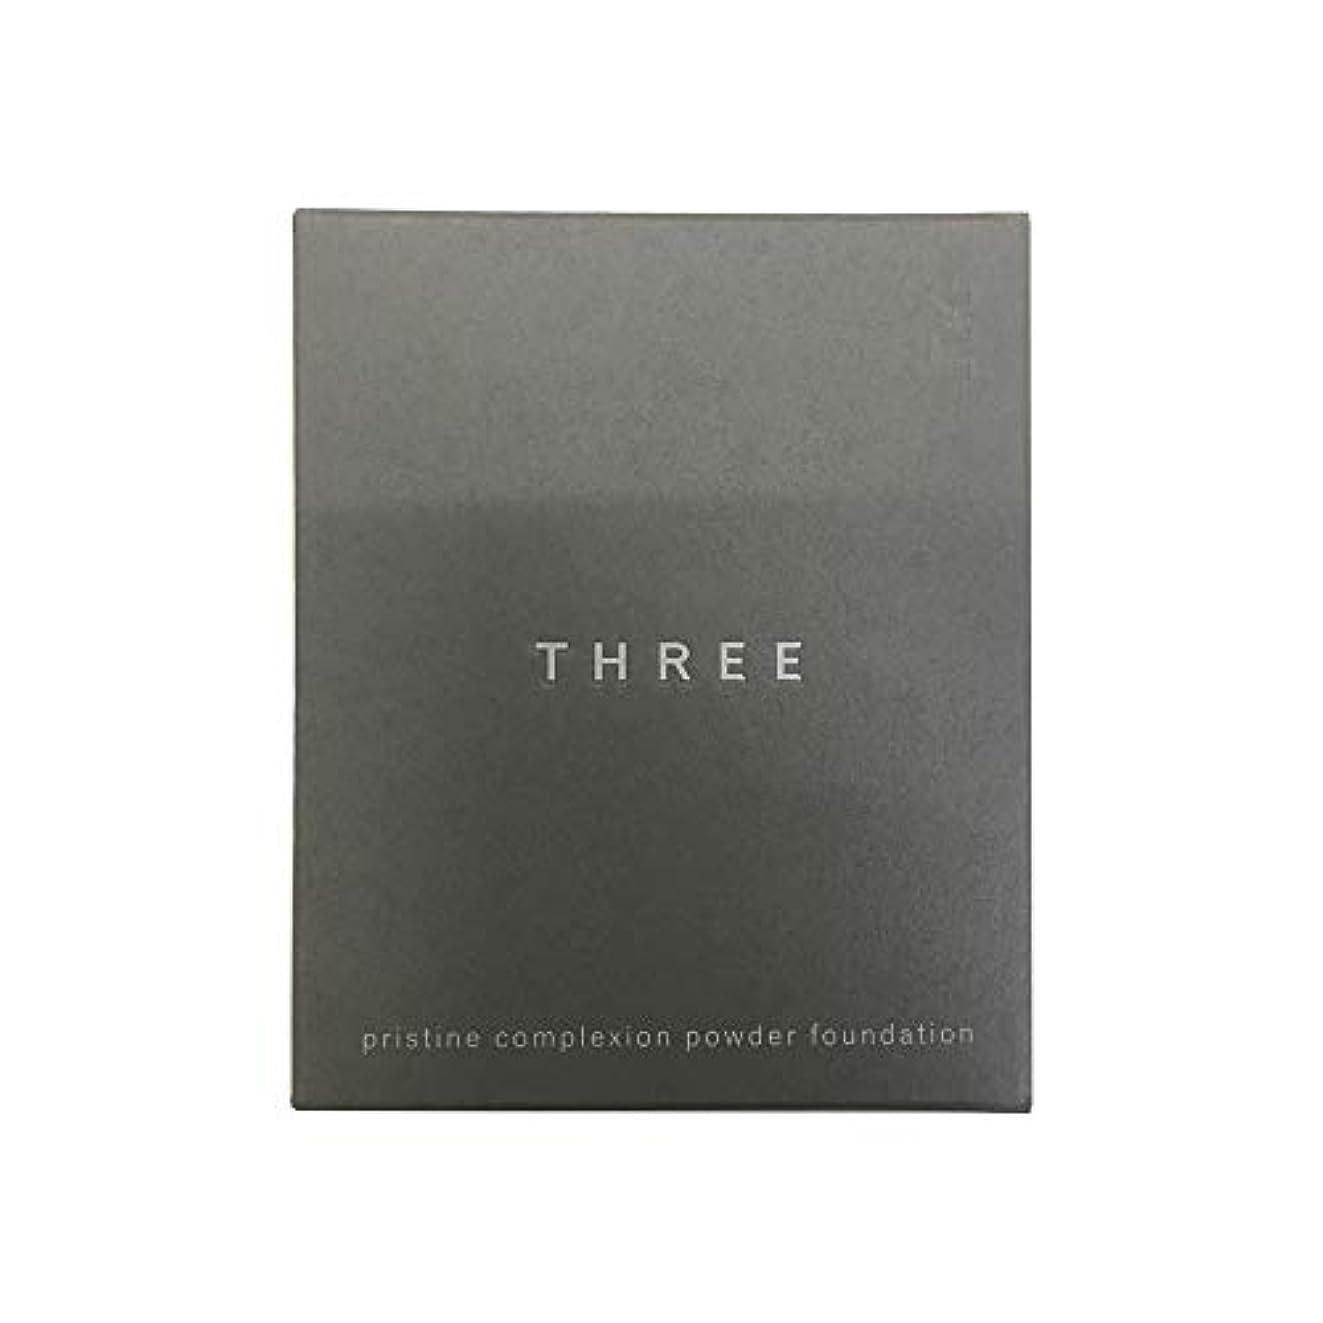 会計士気分相対的THREE(スリー) プリスティーンコンプレクションパウダーファンデーション #102(リフィル) [ パウダーファンデーション ] [並行輸入品]